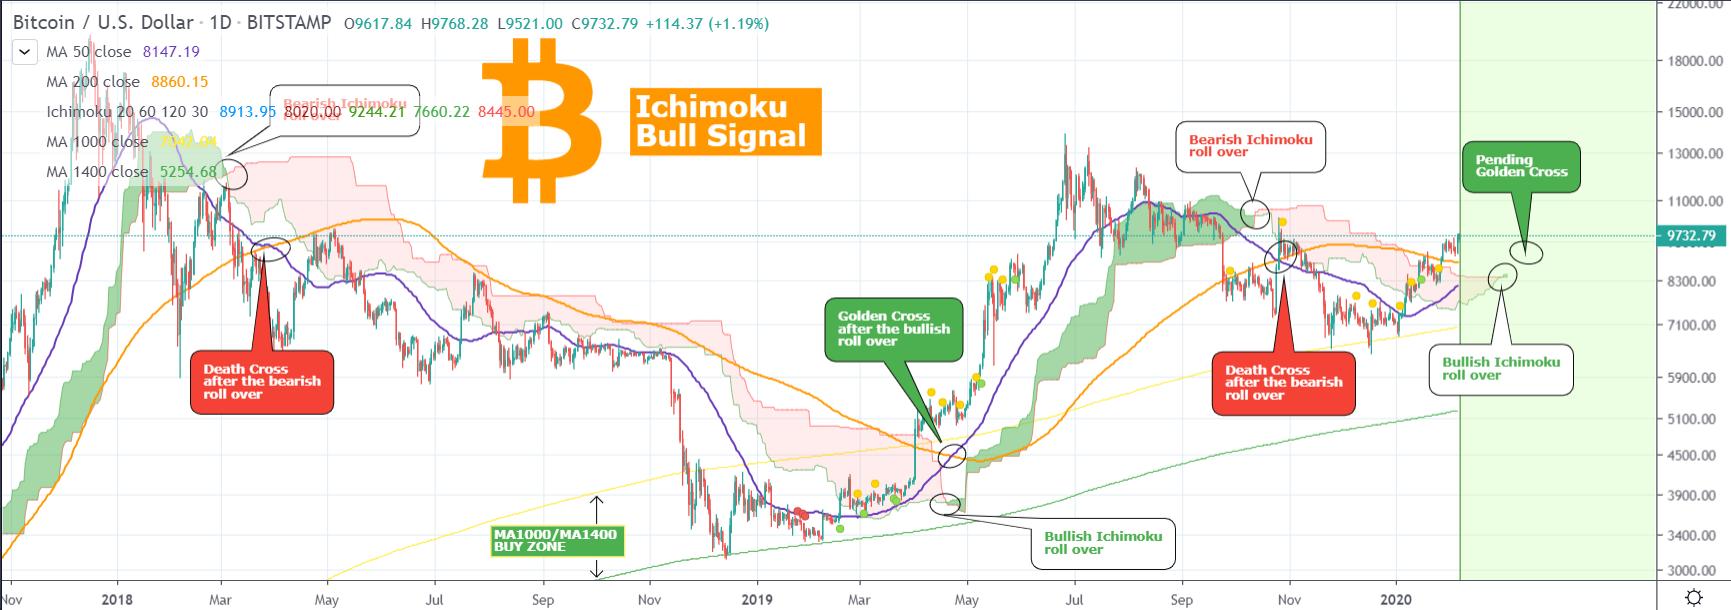 bitcoin, [SPRÁVY] Bitcoin prelomí odpor a má otvorenú cestu k 10 000 dolárov – USA zvažujú digitalizáciu dolára – Fidelity a ICE naďalej investujú do blockchainu